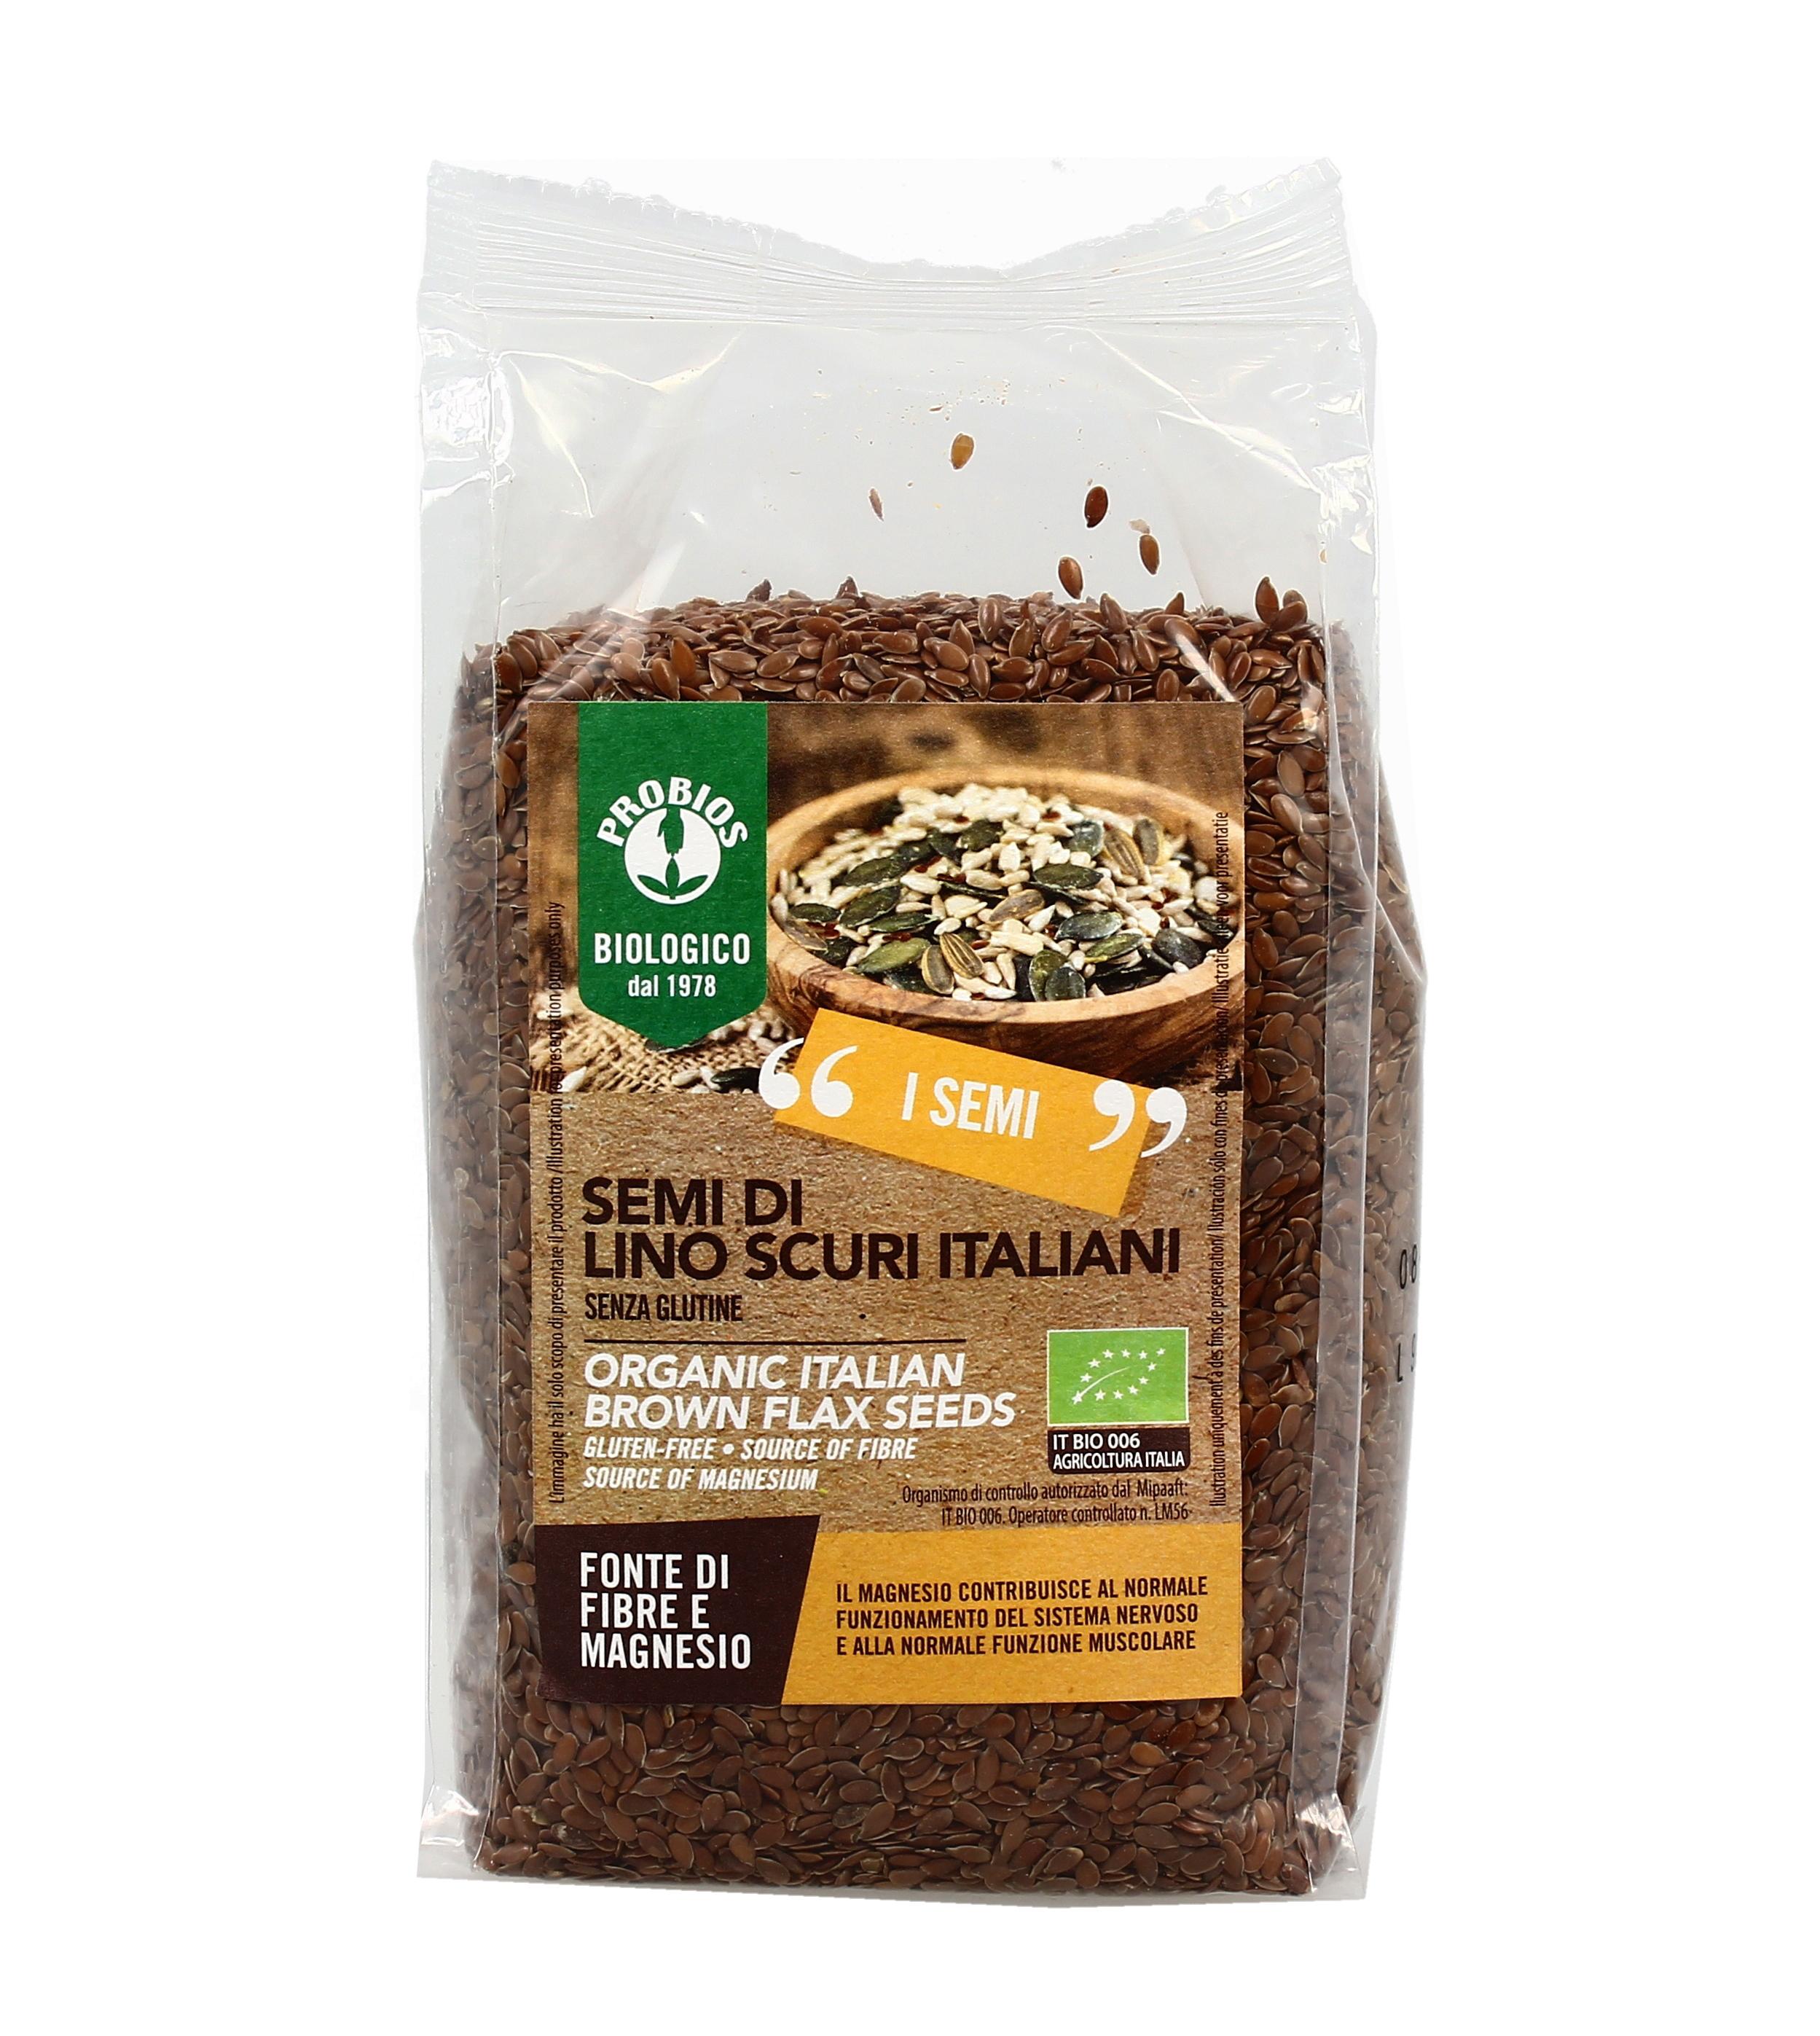 proprietà nutrizionali dei semi di lino